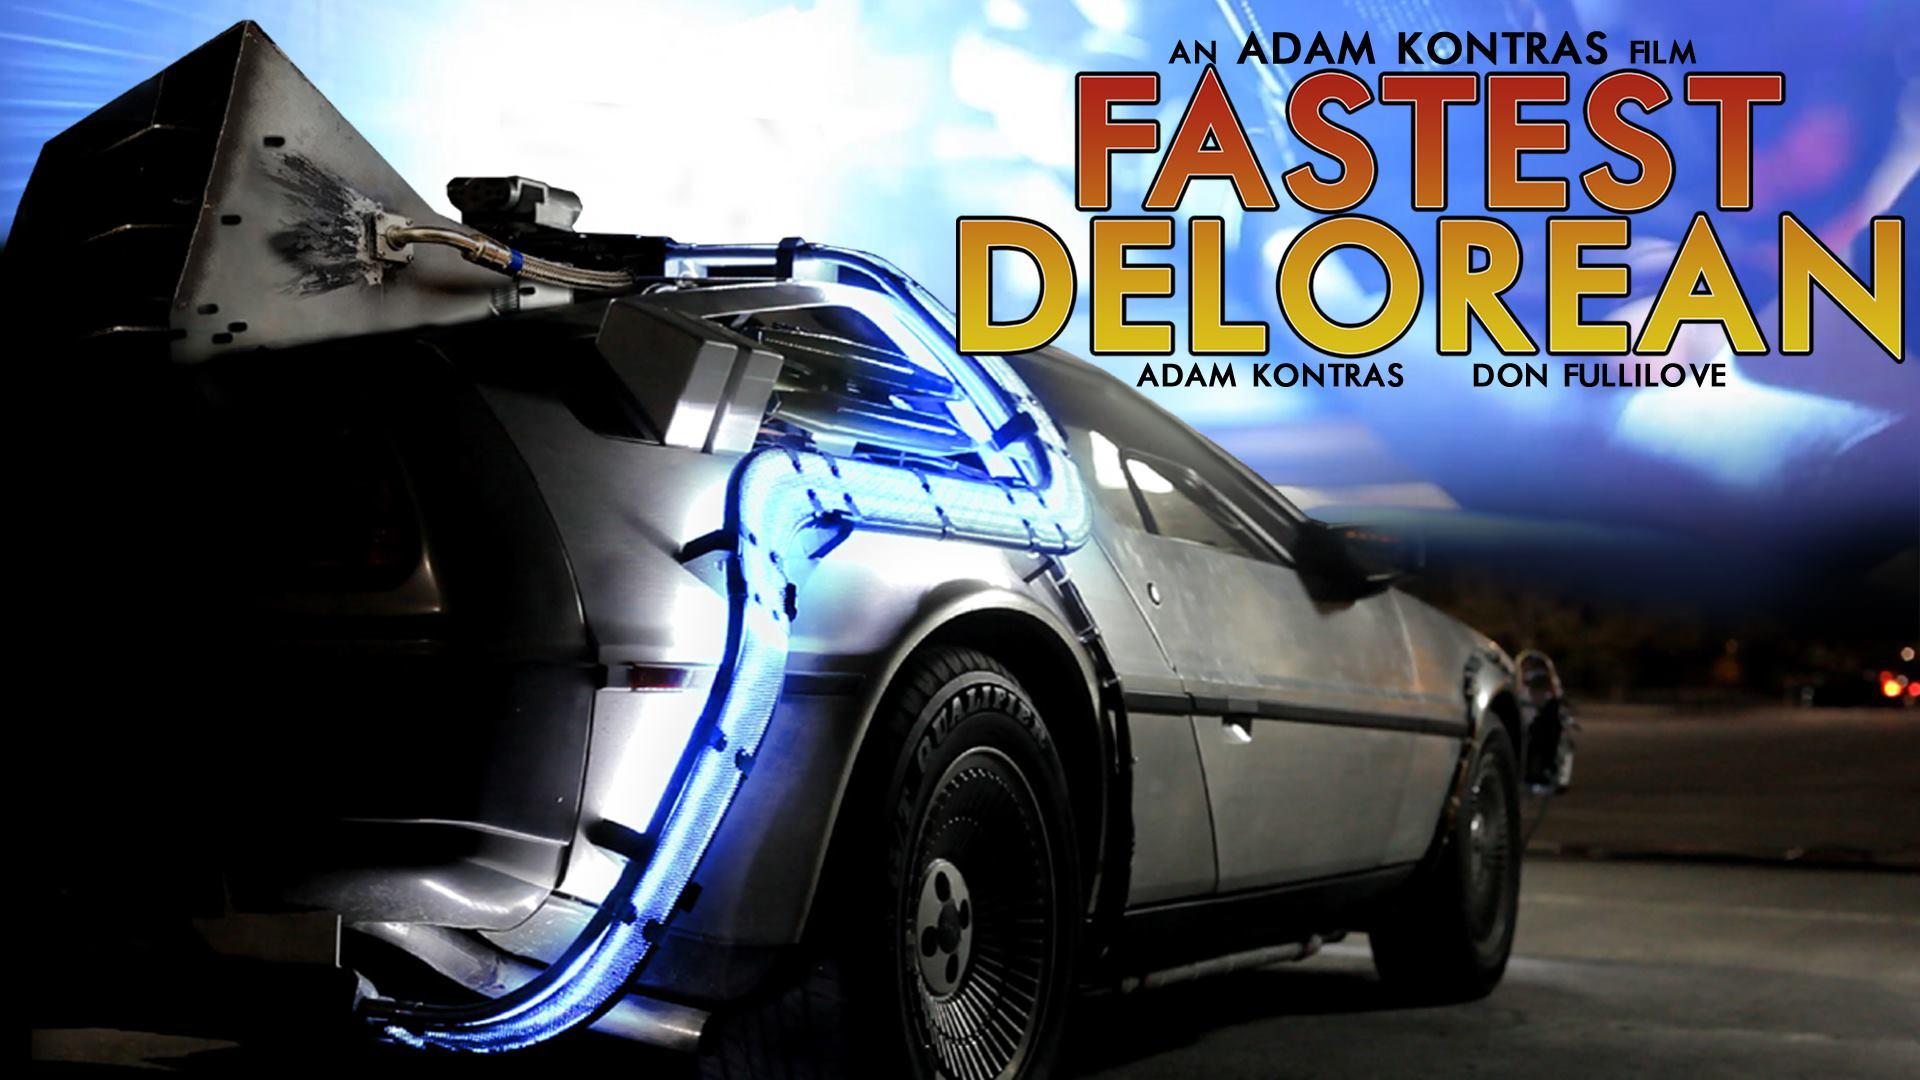 Fastest Delorean